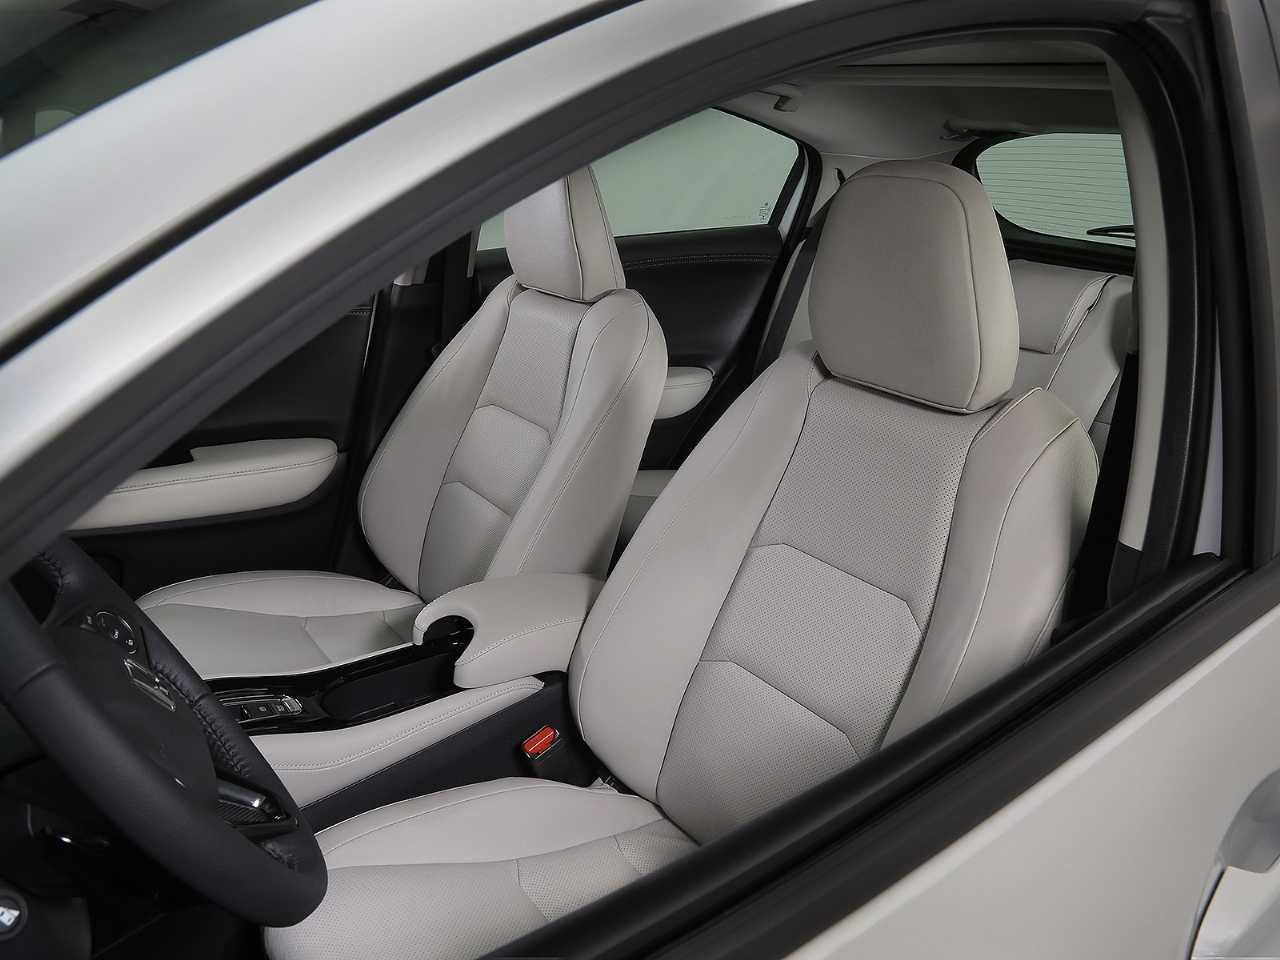 HondaHR-V 2020 - bancos dianteiros